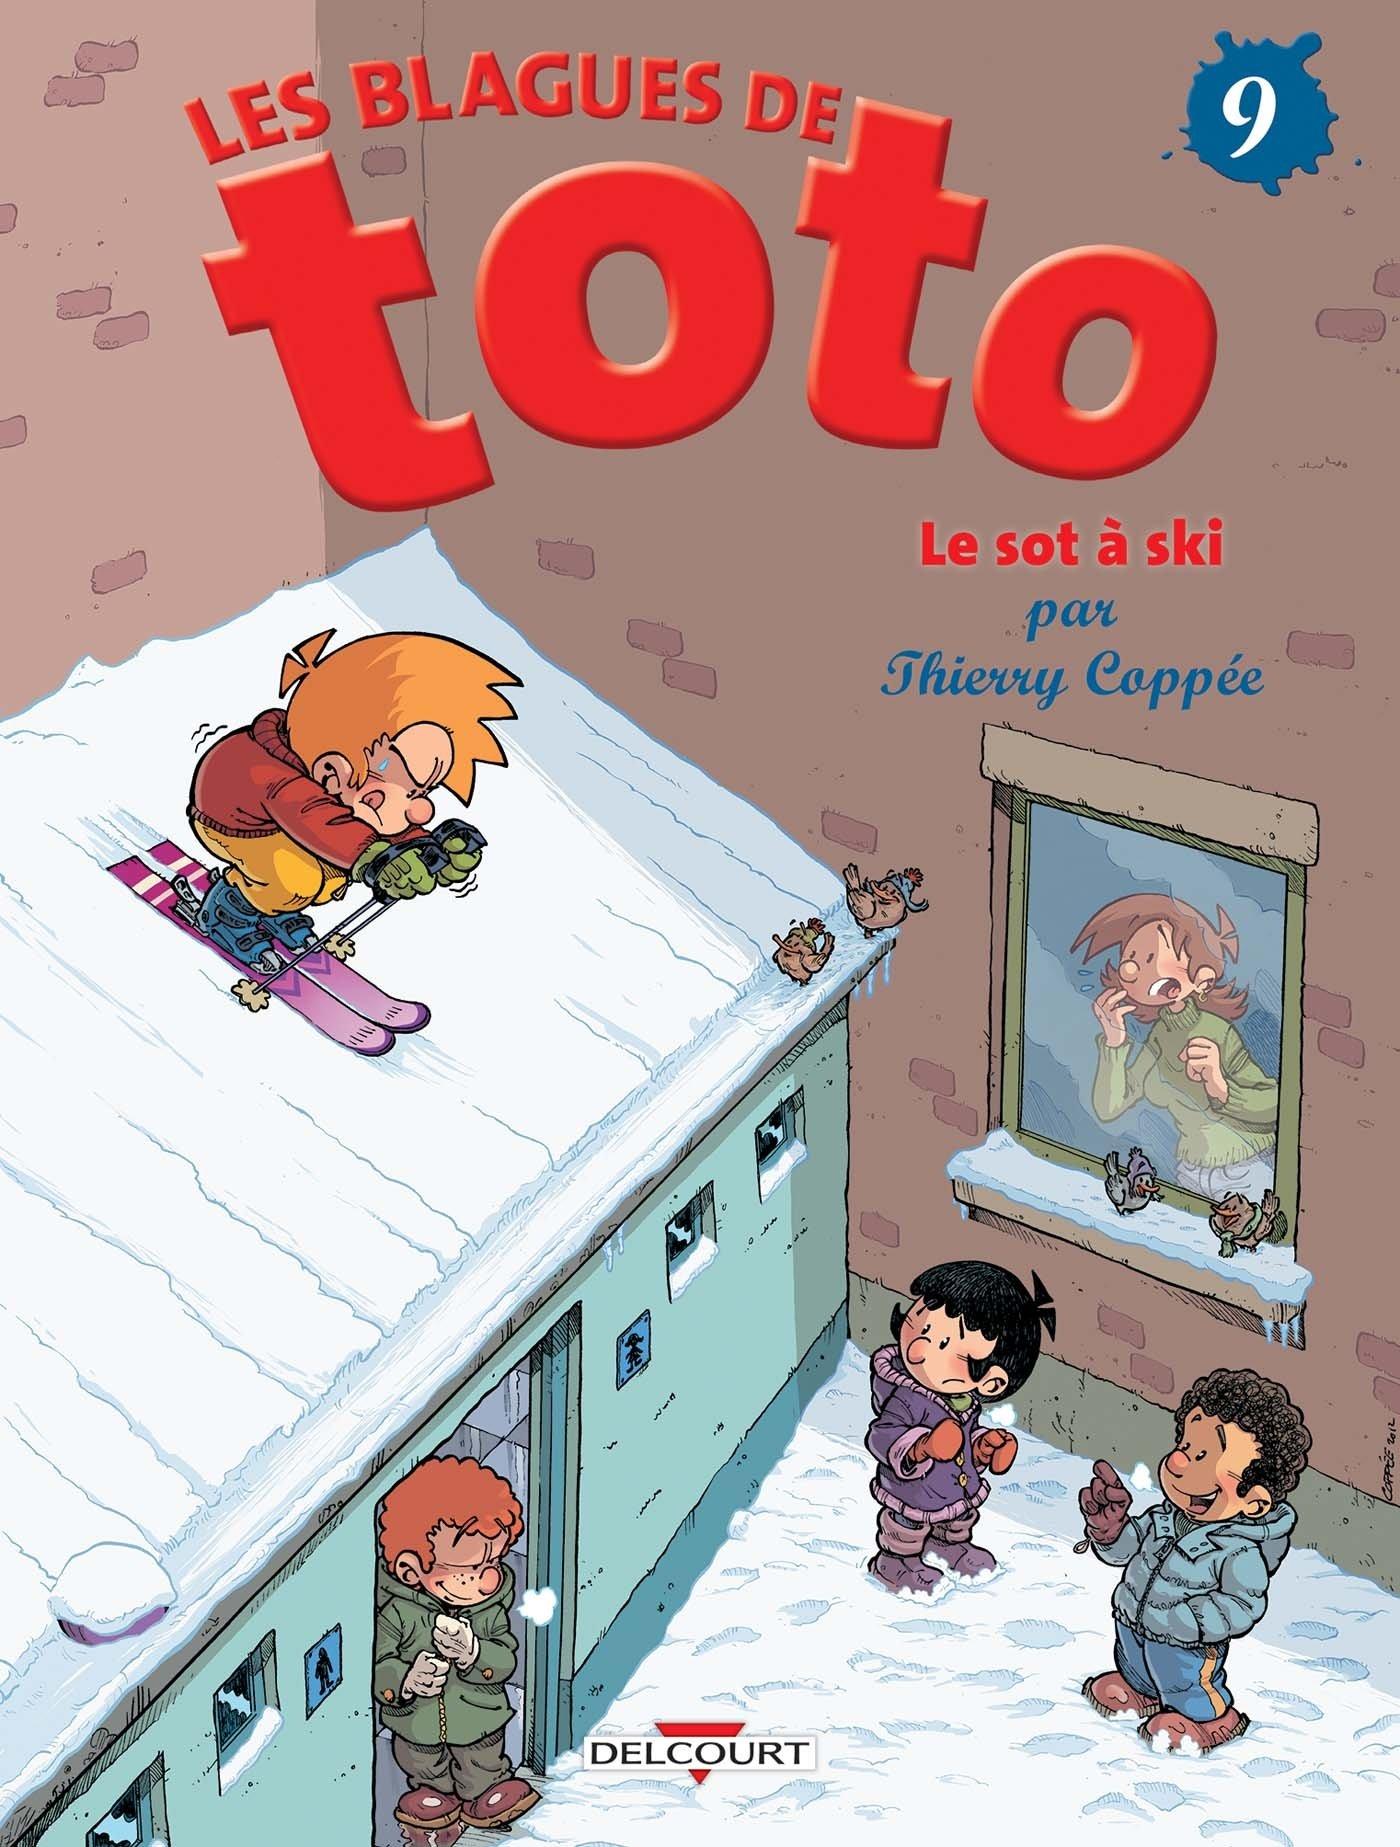 Blagues de Toto T09 Album – 7 novembre 2012 Thierry Coppée Lorien Delcourt 275601995X